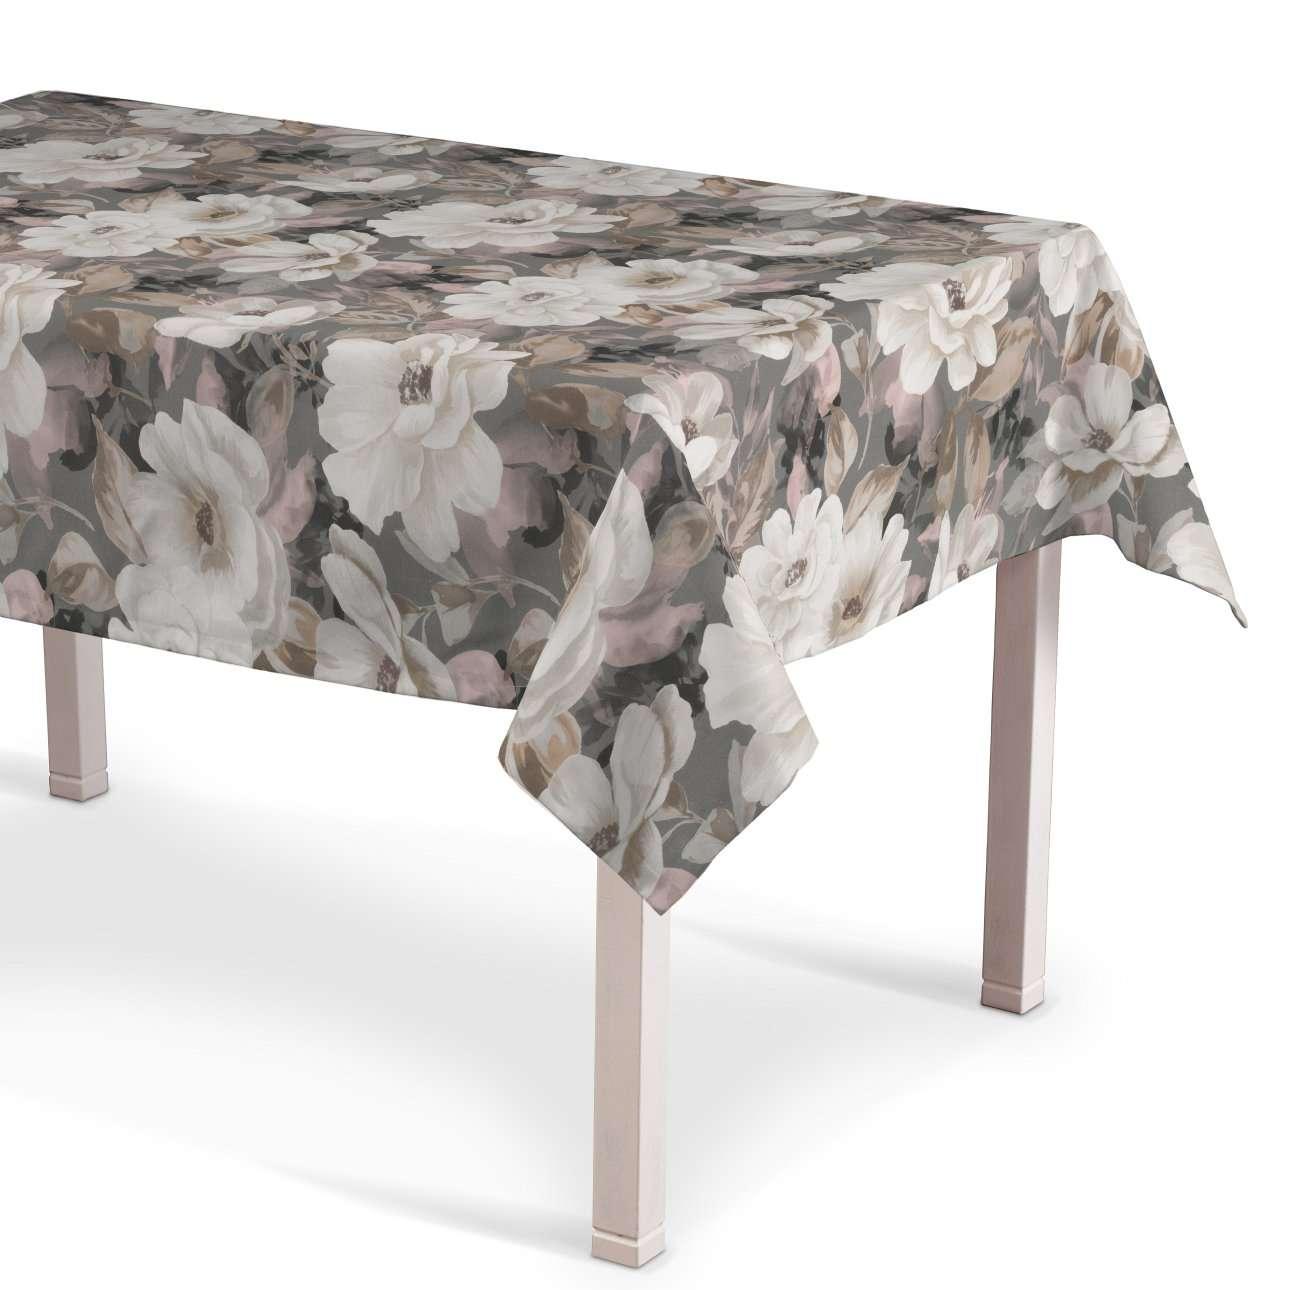 Rechteckige Tischdecke, grau-rosa, 130 × 210 cm, Gardenia (142-13) günstig online kaufen